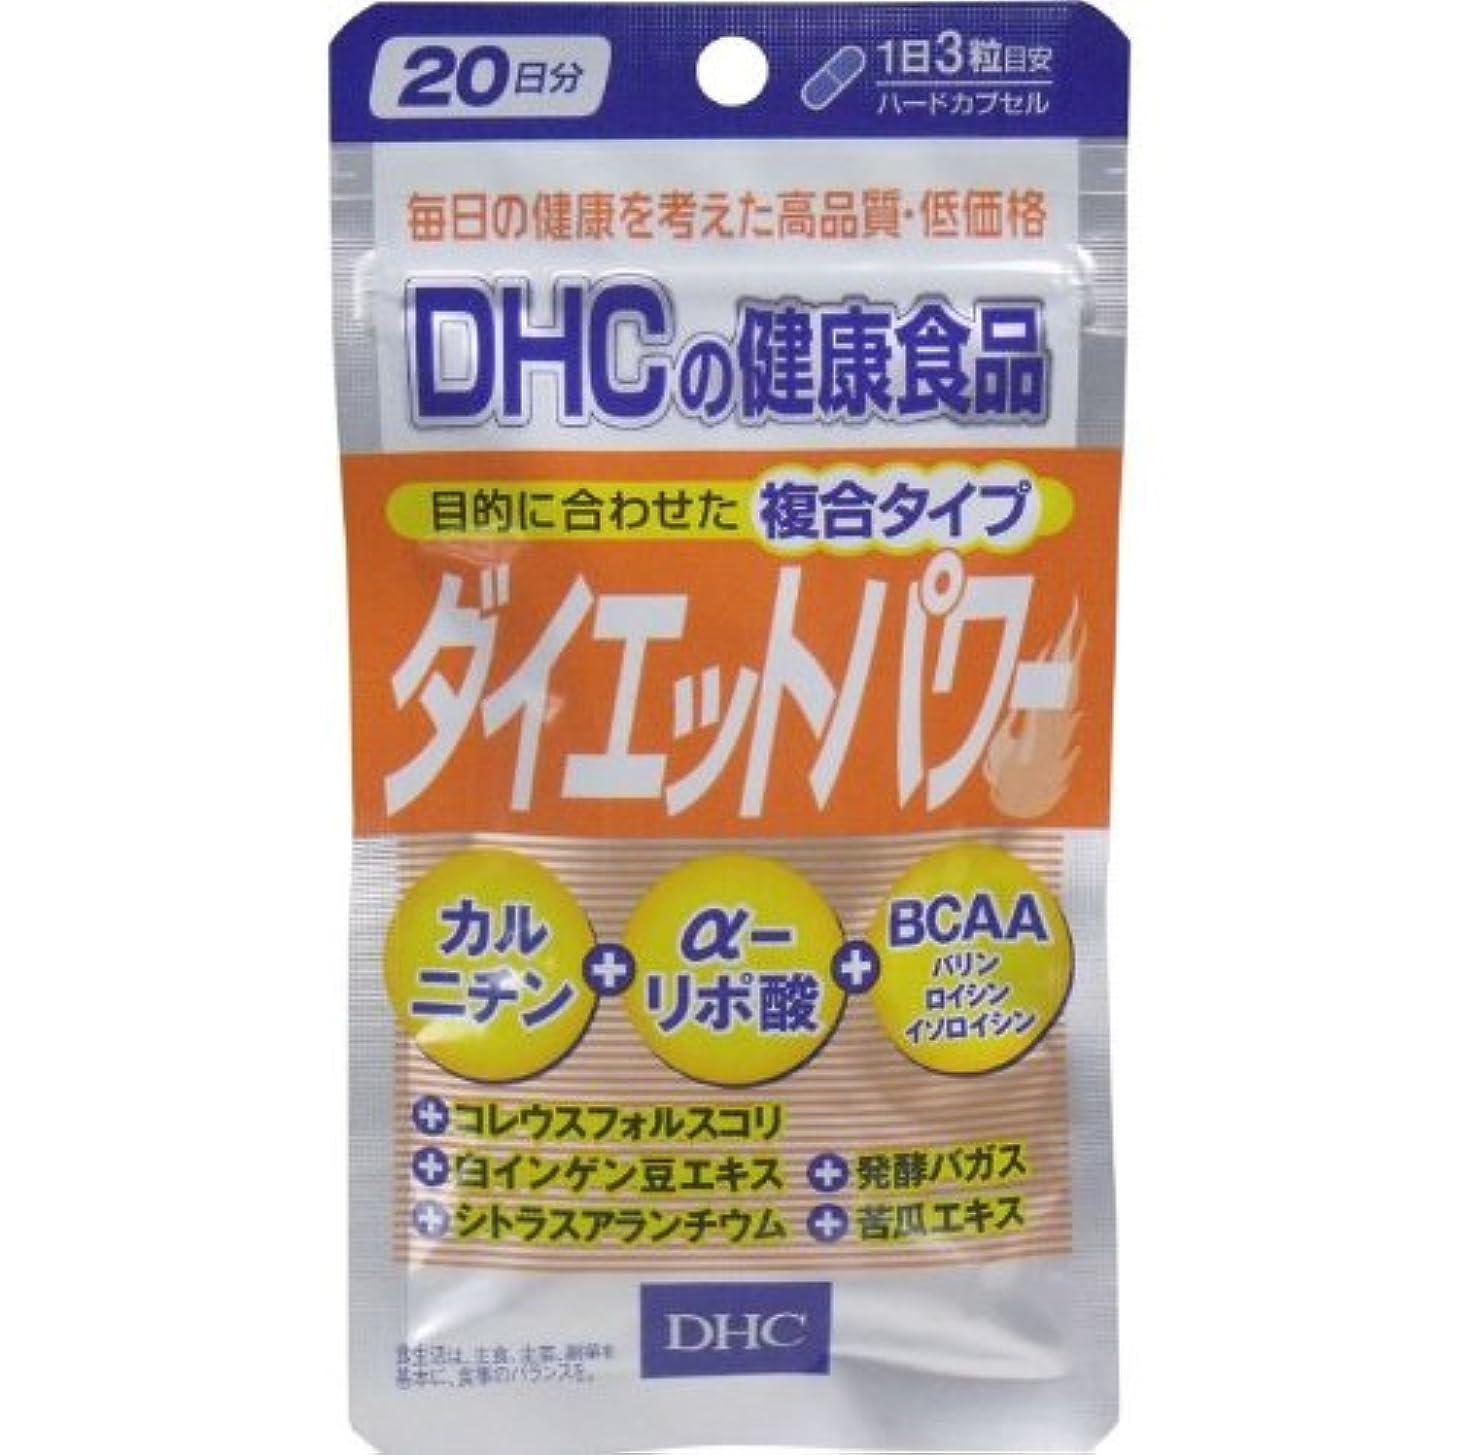 禁輸流行トレイルDHC ダイエットパワー 60粒入 20日分「3点セット」